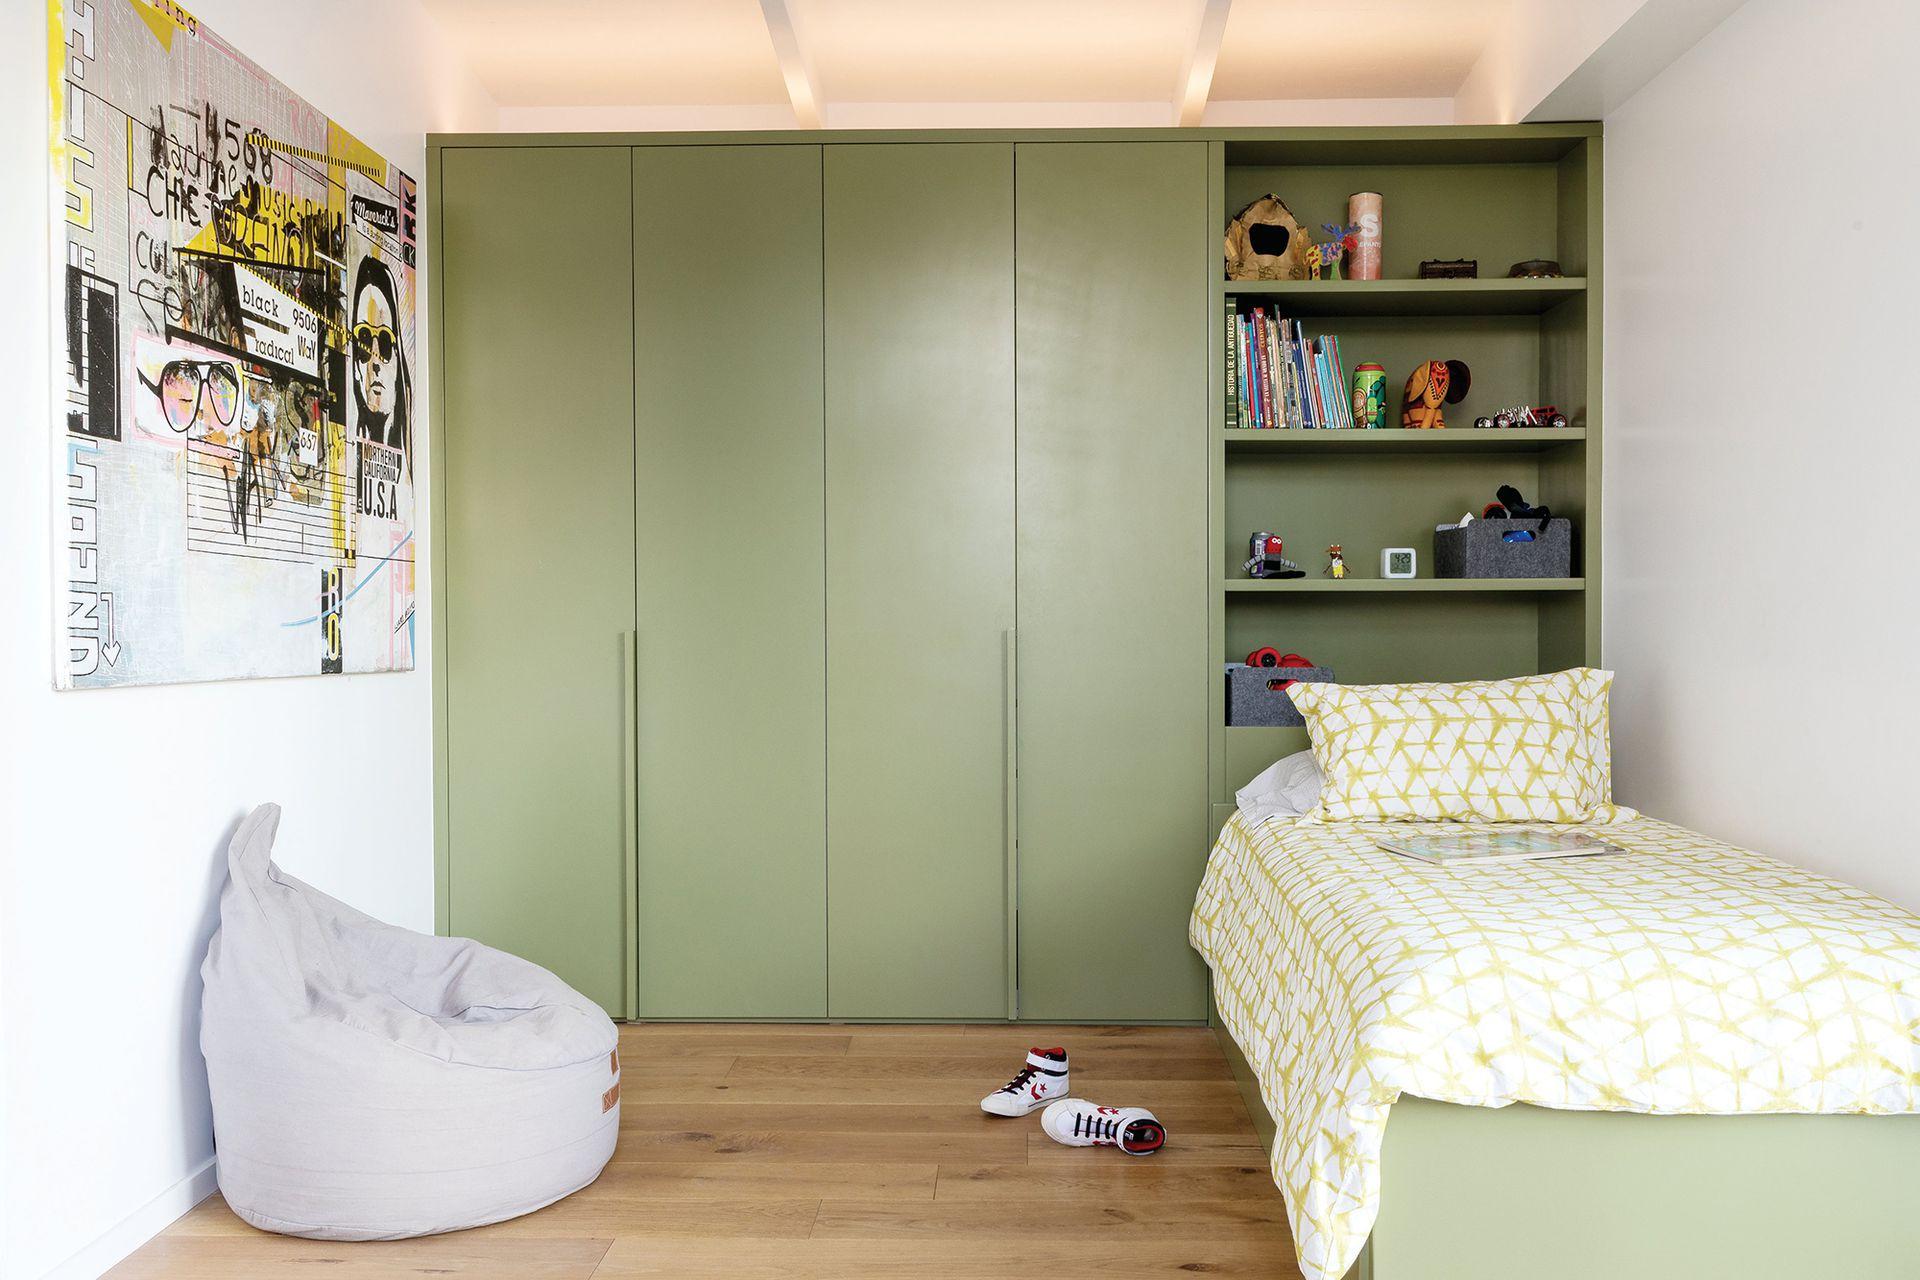 El placard empotrado se transforma en estantería para el guardado de libros y juguetes. Fue pintado en verde 'Edamame' (Sherwin Williams), al igual que la cama, y así unifica el criterio.  Cubrecama a medida (Cuqui Najo).